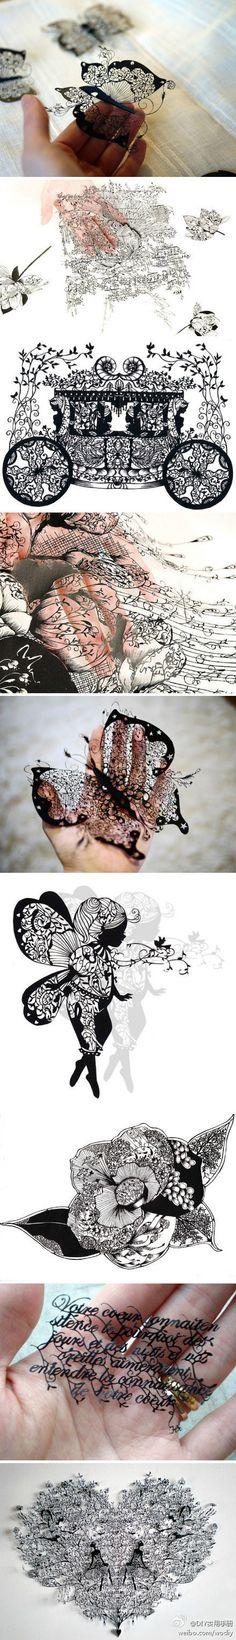 breathtaking paper-cut